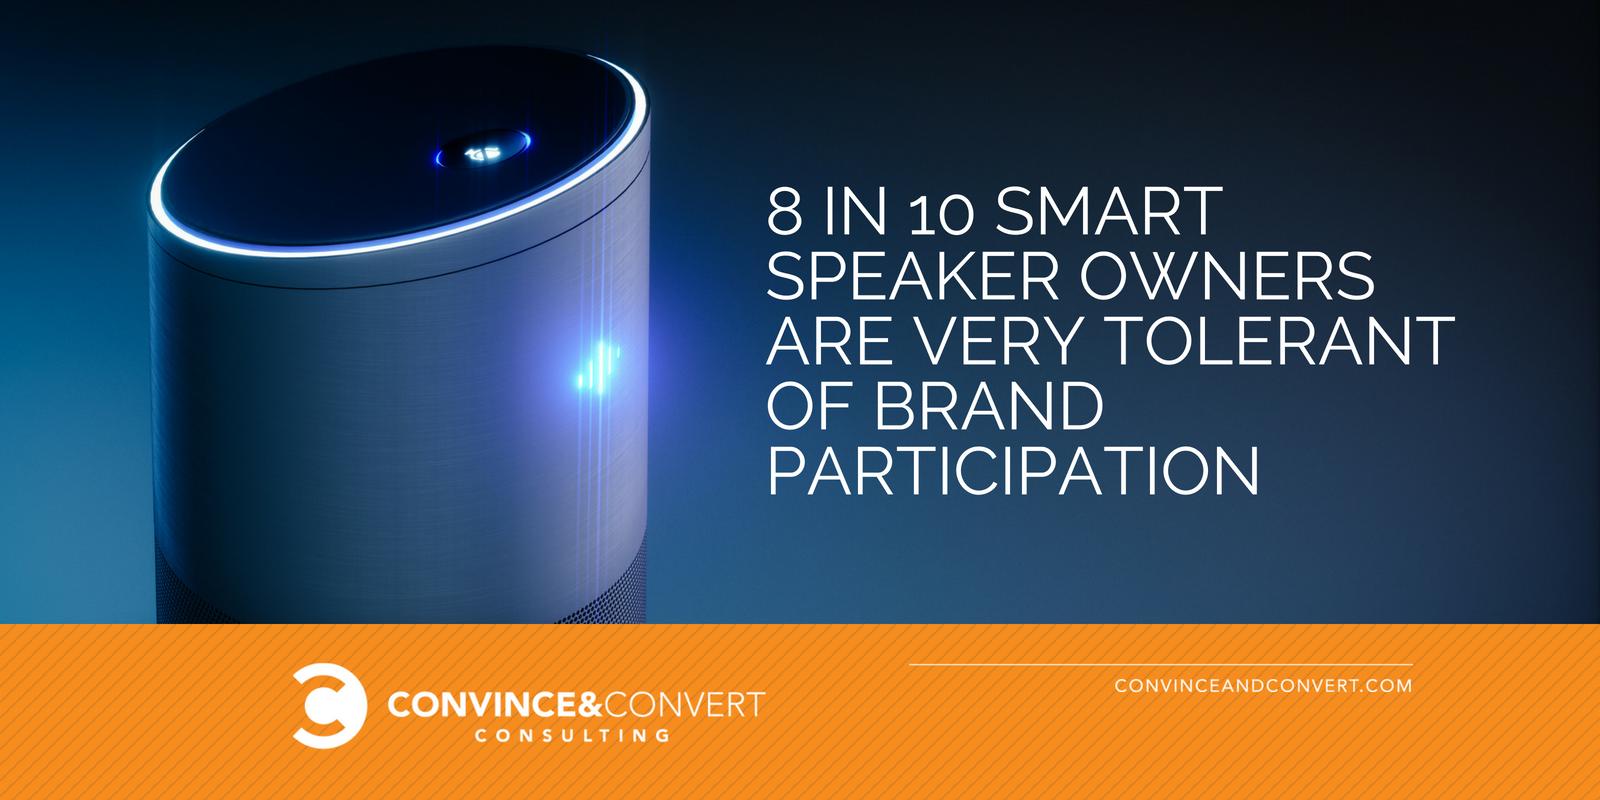 smart speaker brand statistic